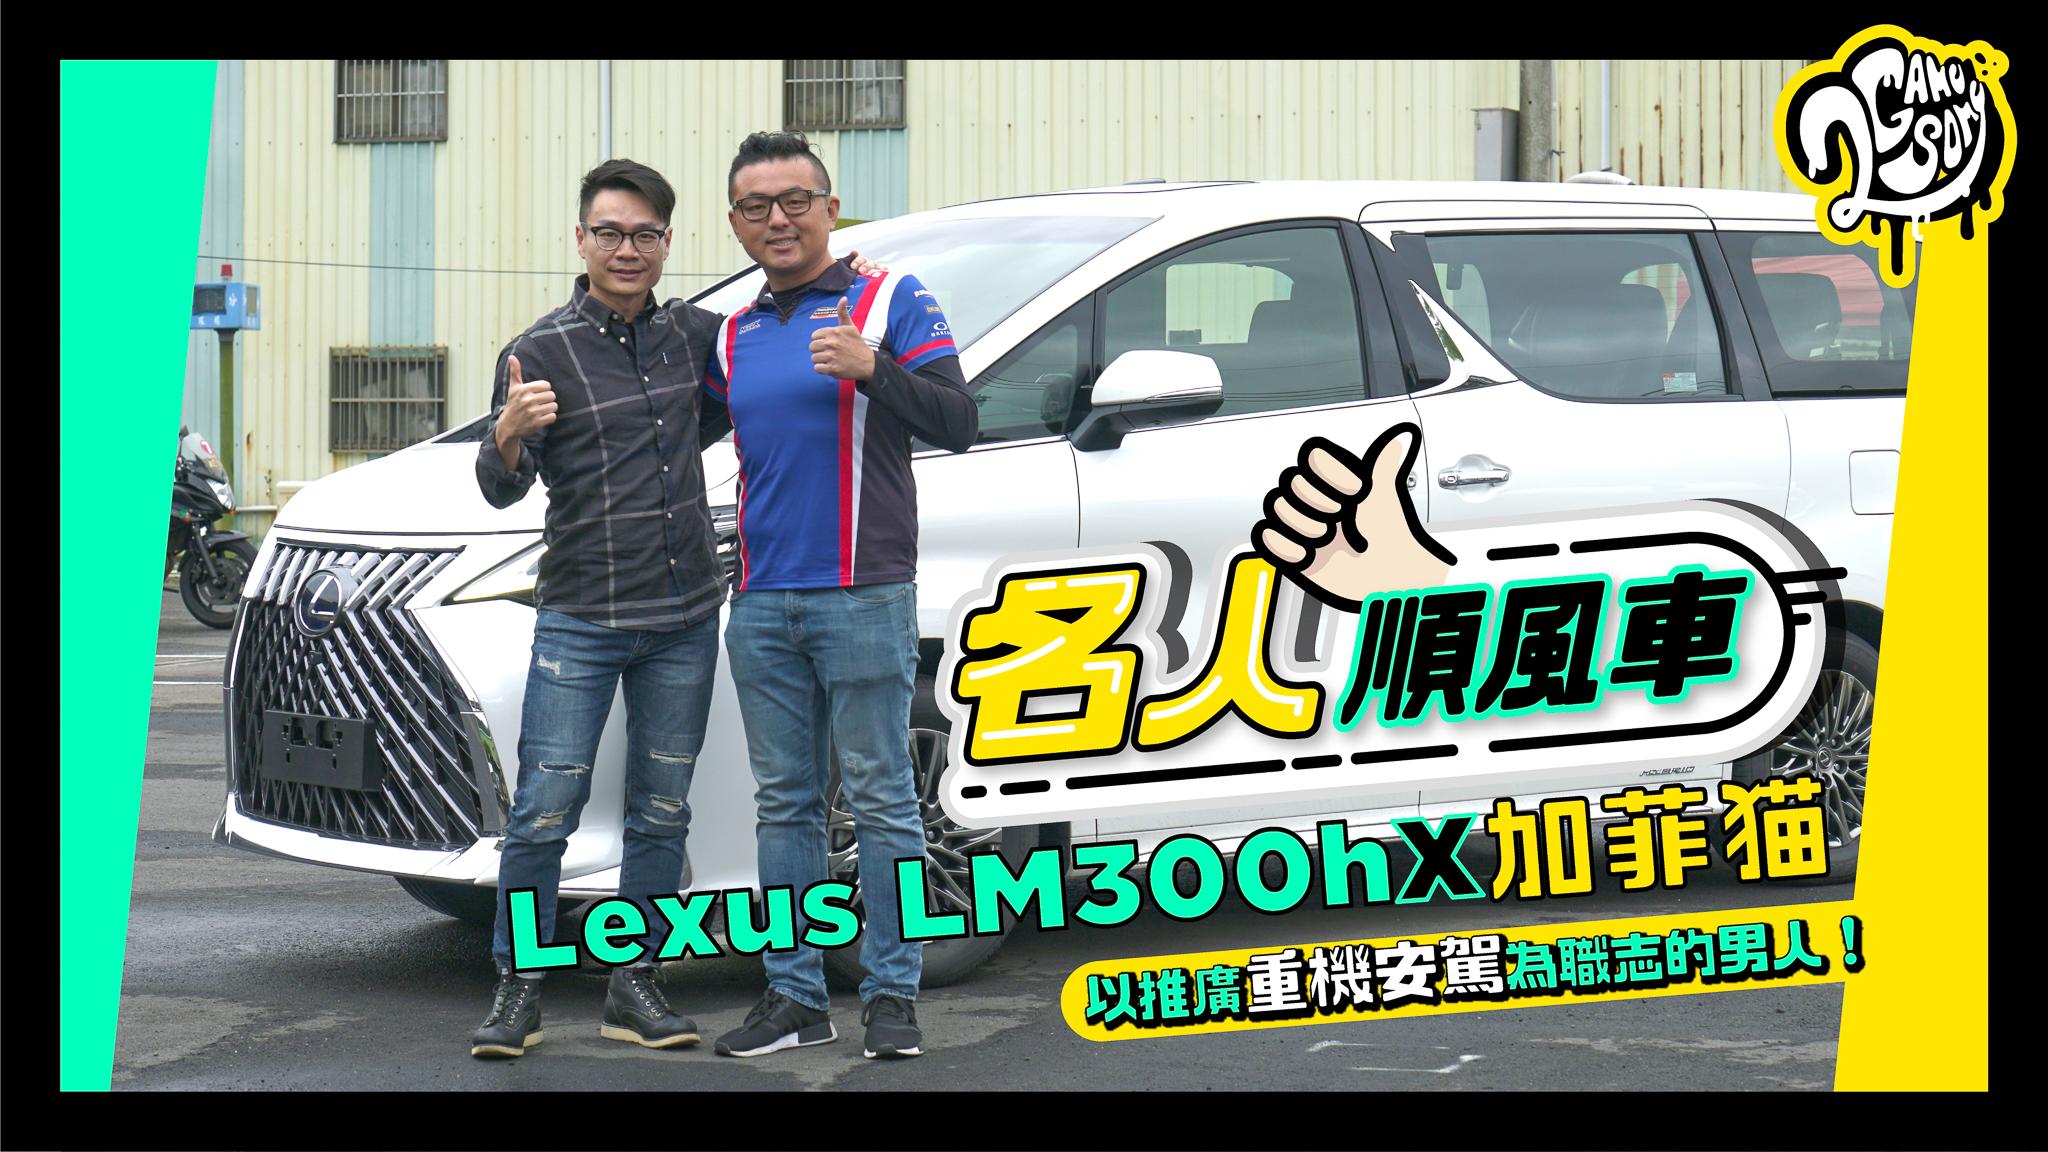 名人順風車 - Lexus LM300h X 加菲貓 / 以推廣重機安駕為職志的男人!